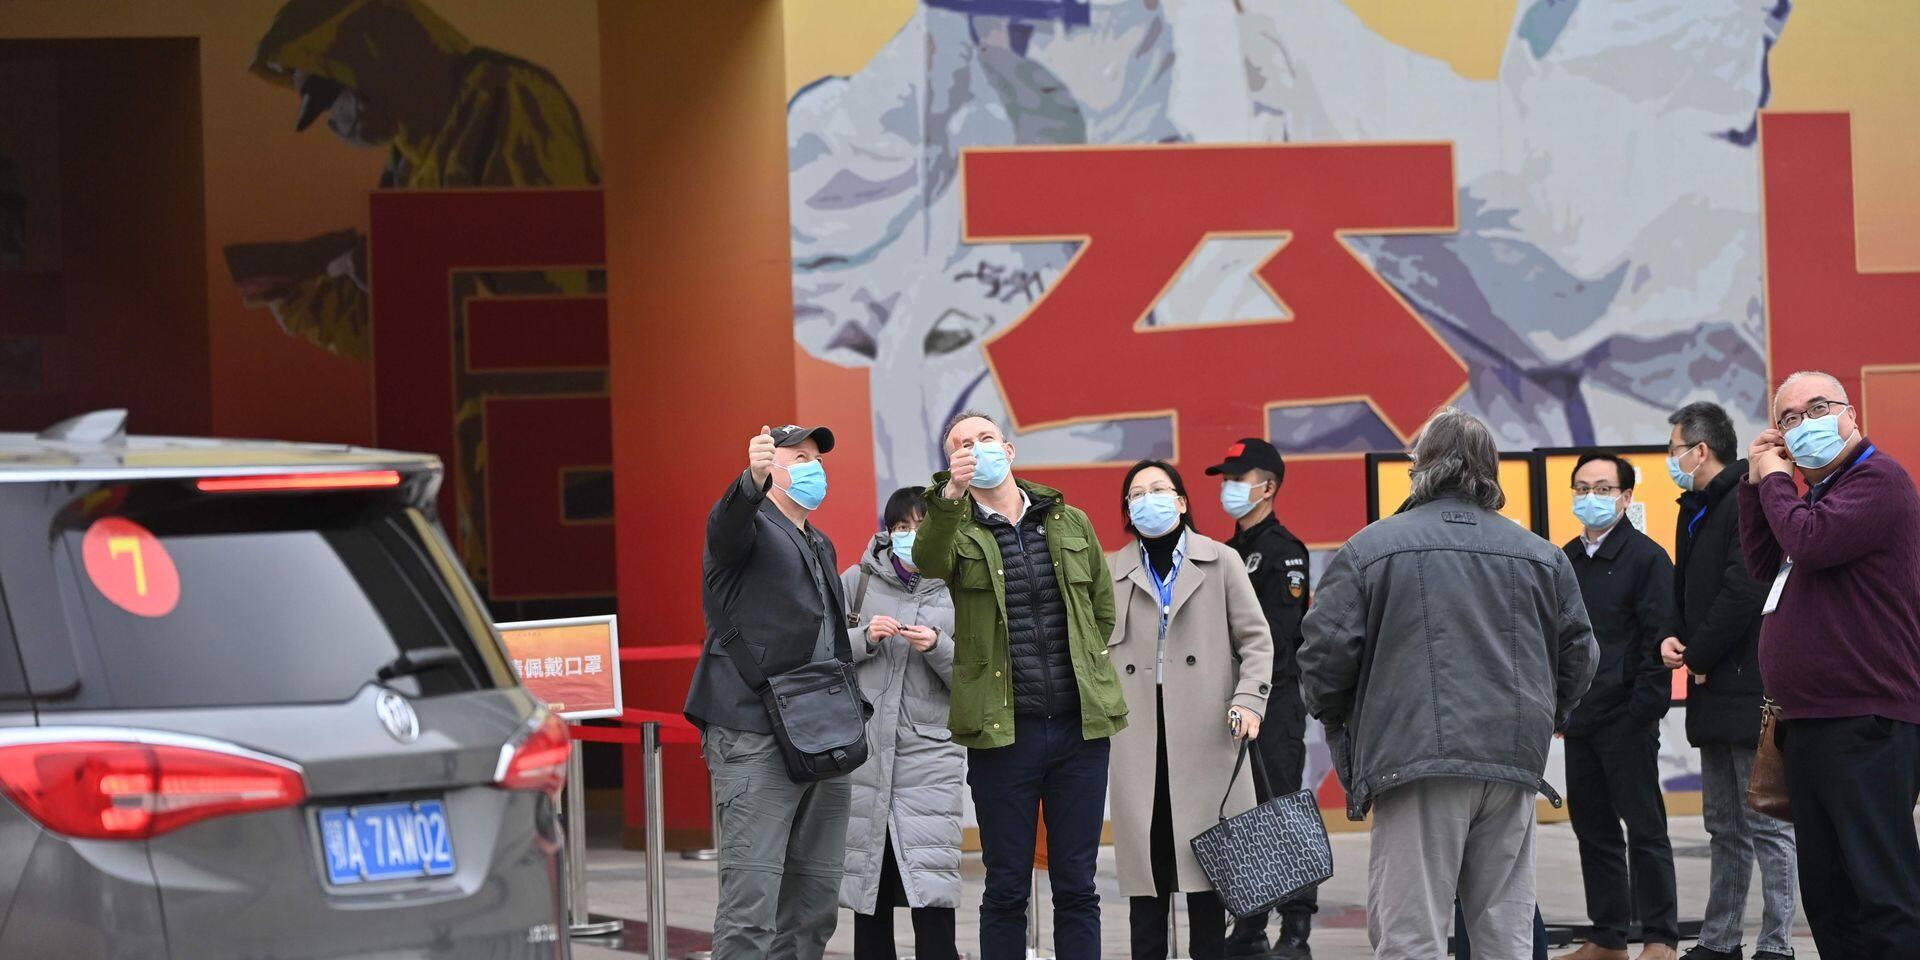 La très douteuse enquête de l'OMS en Chine sur les origines du Covid-19